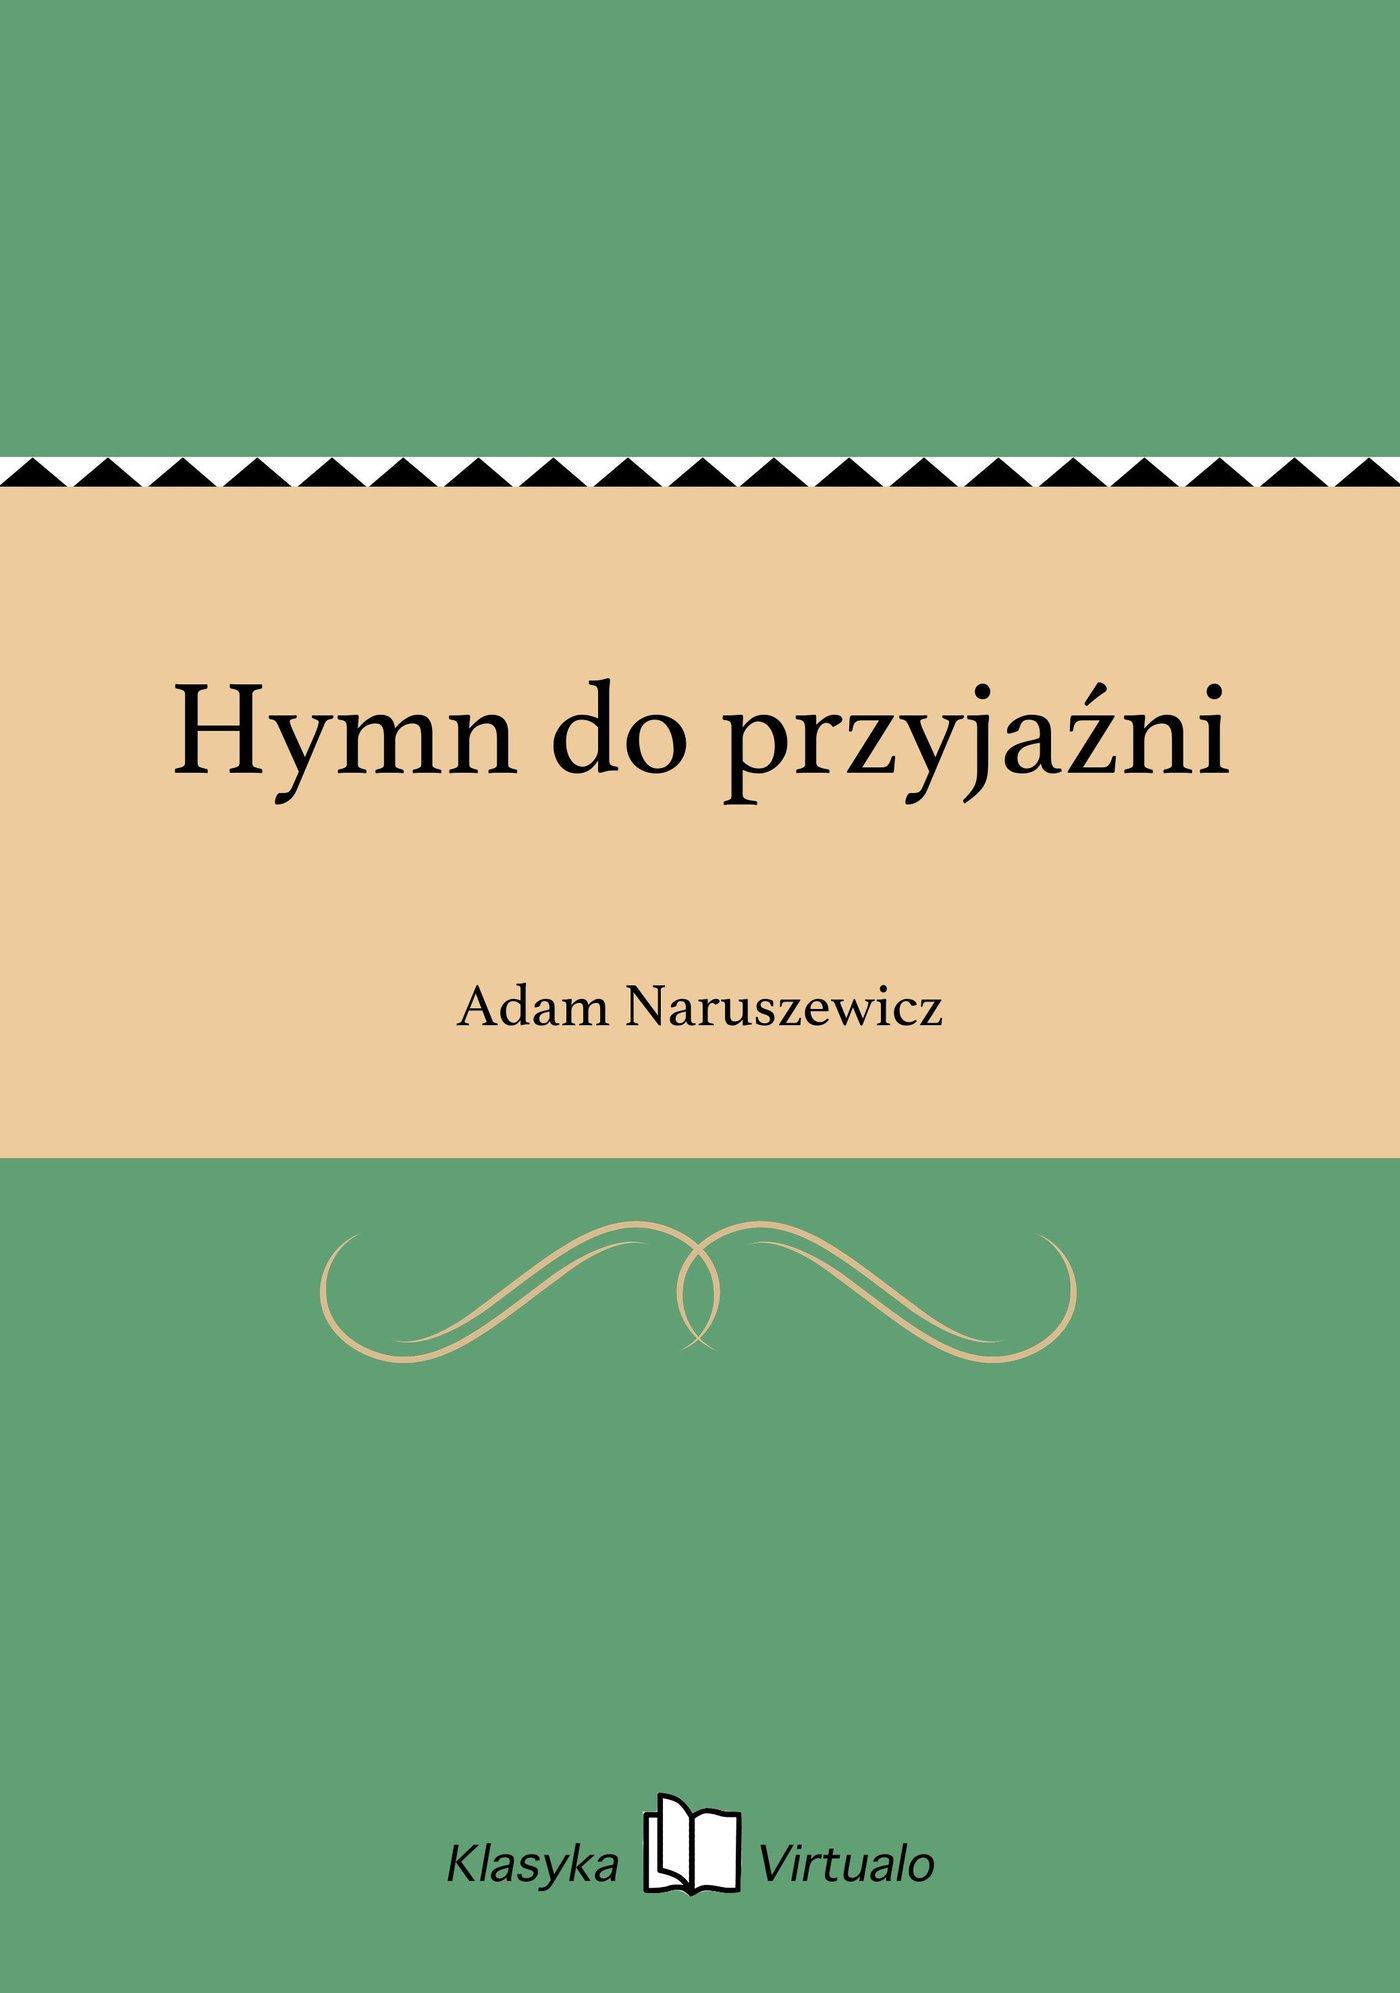 Hymn do przyjaźni - Ebook (Książka EPUB) do pobrania w formacie EPUB